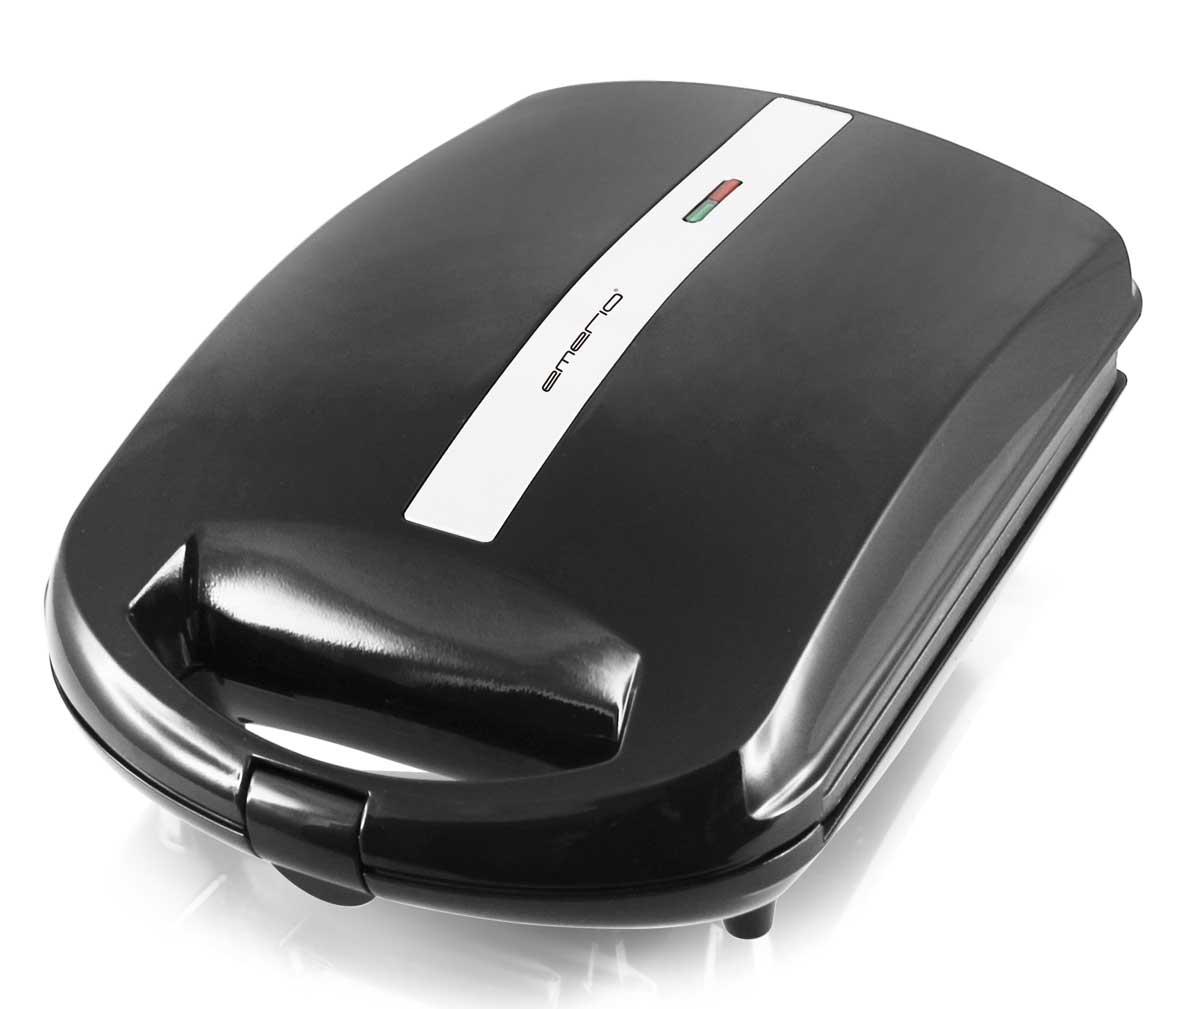 Großer XXL-Sandwich-Toaster Emerio ST-111153 für 4 Toast-Scheiben – Bild 3